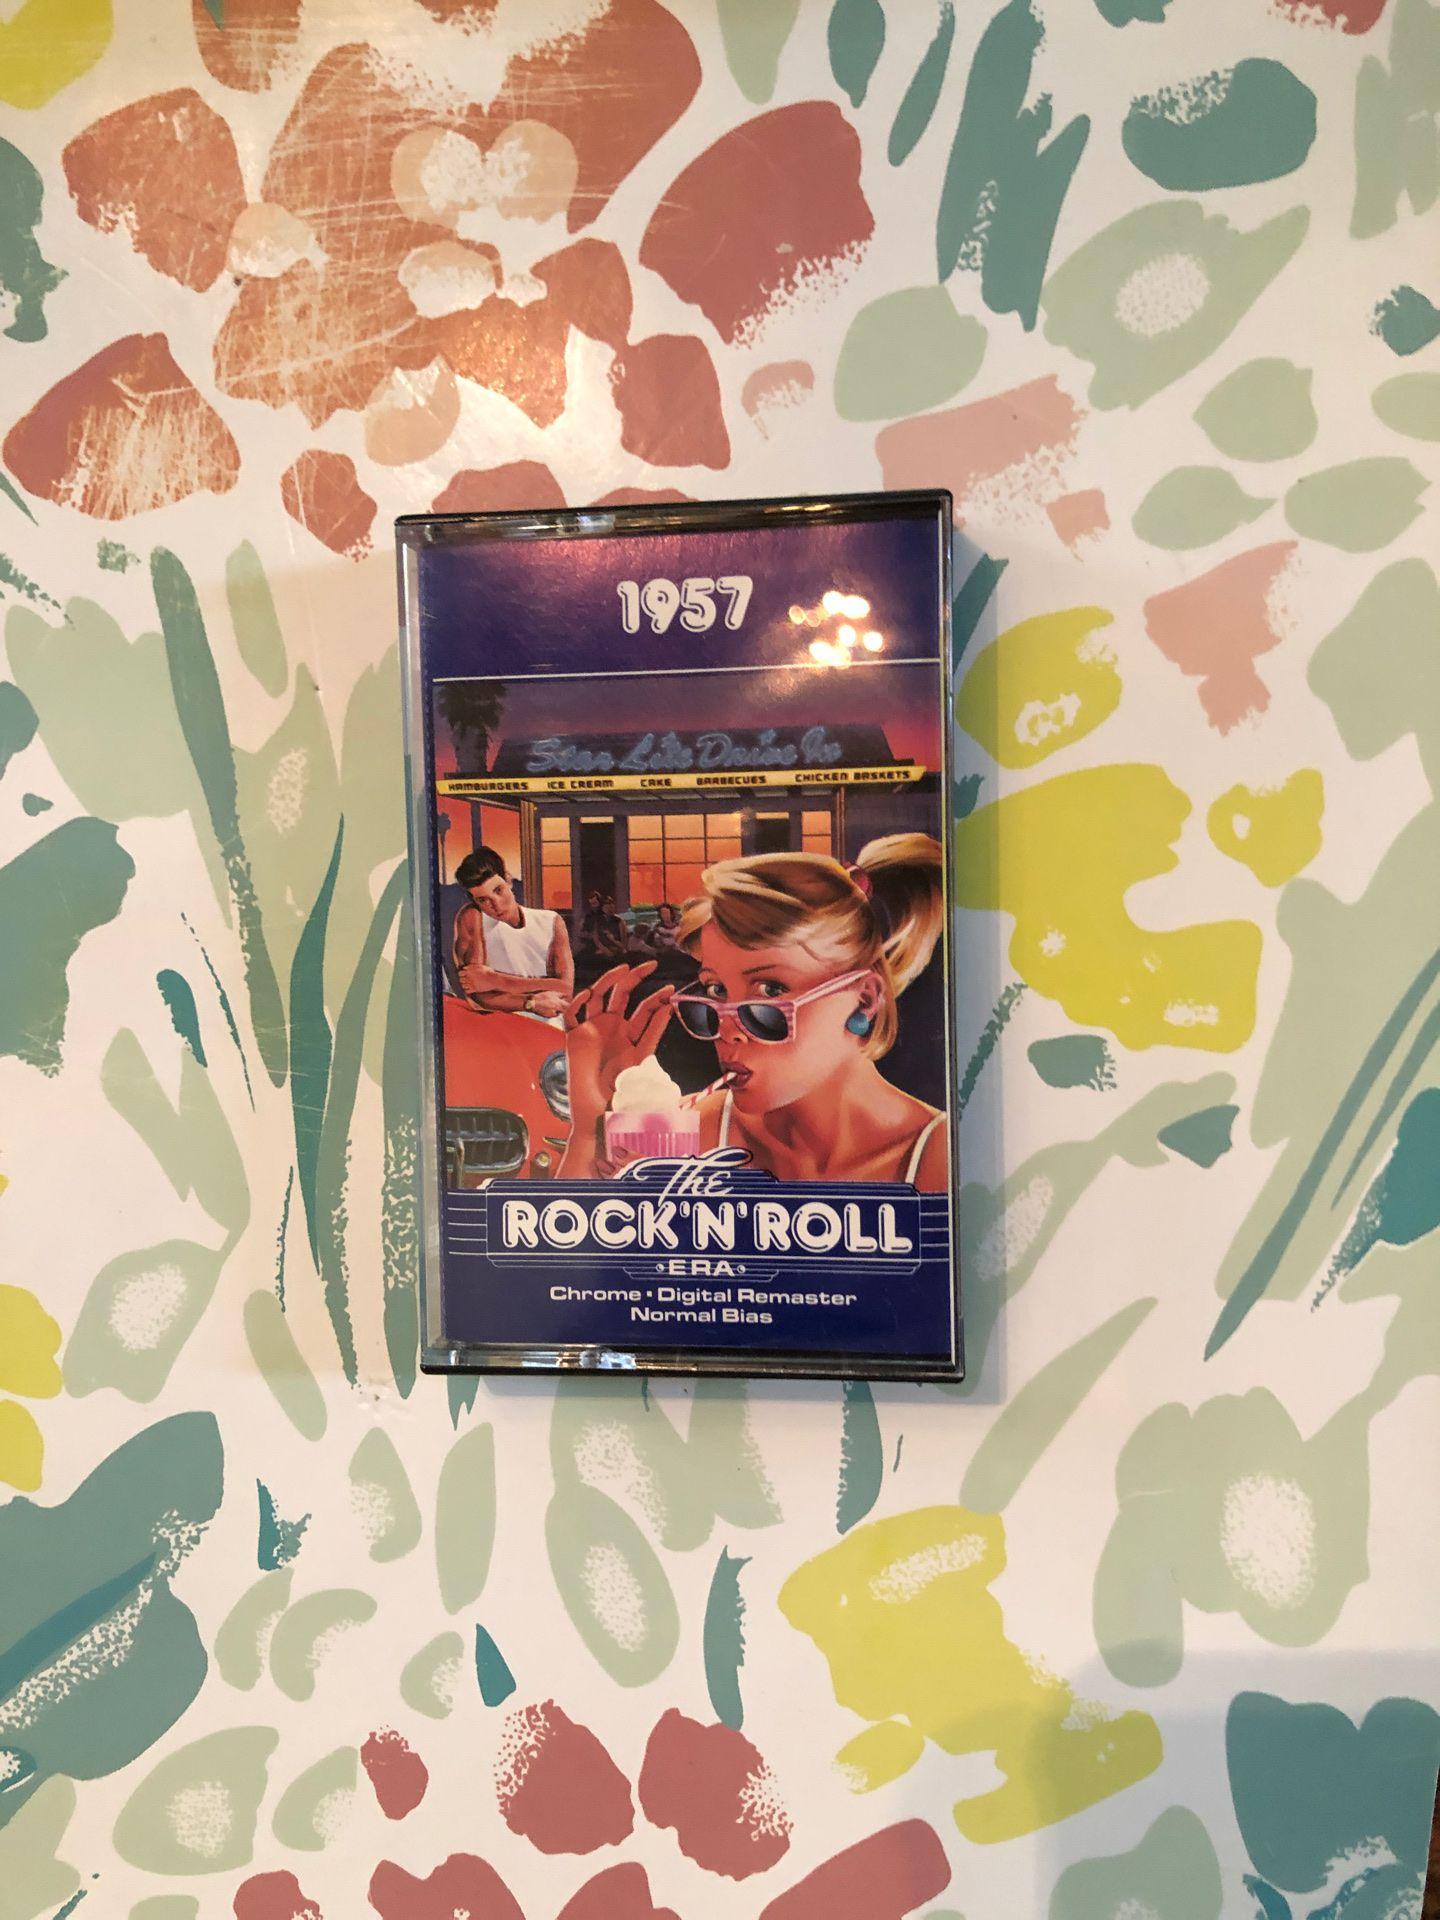 1957 The Rock'N'Roll era cassette tape